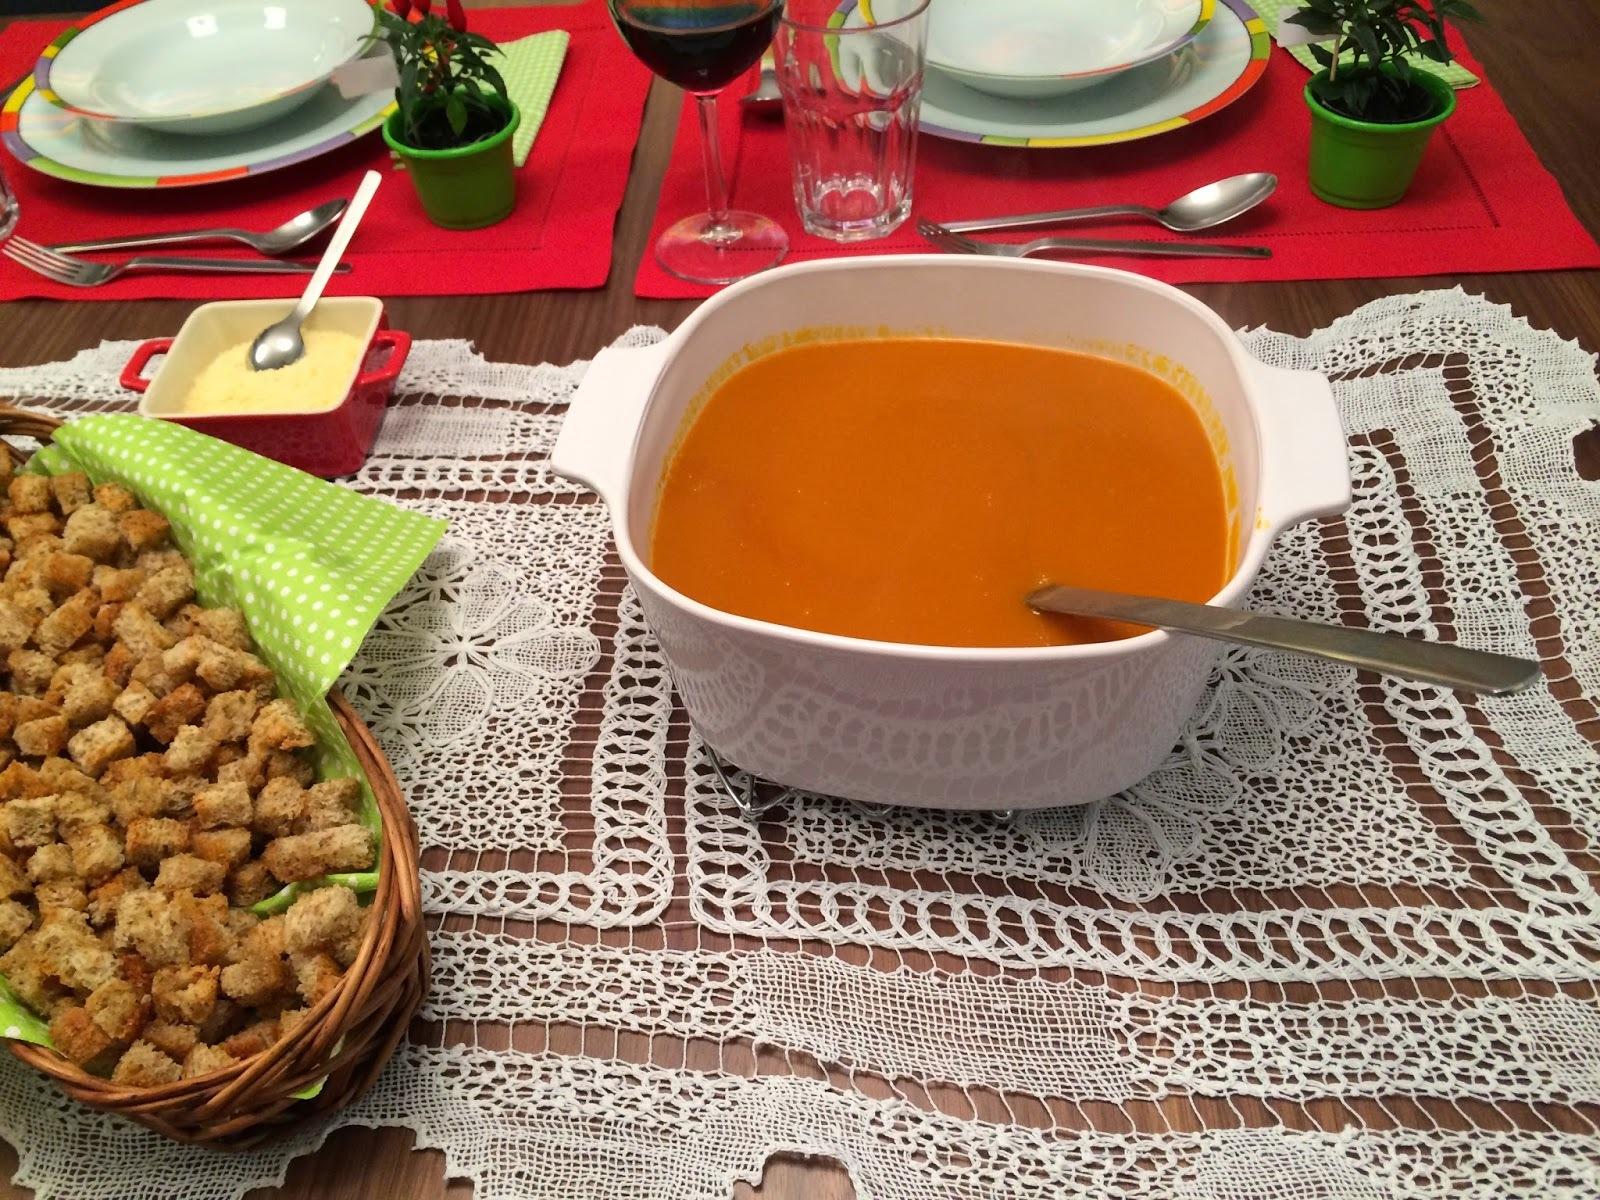 Sopa de Abobora com Gengibre